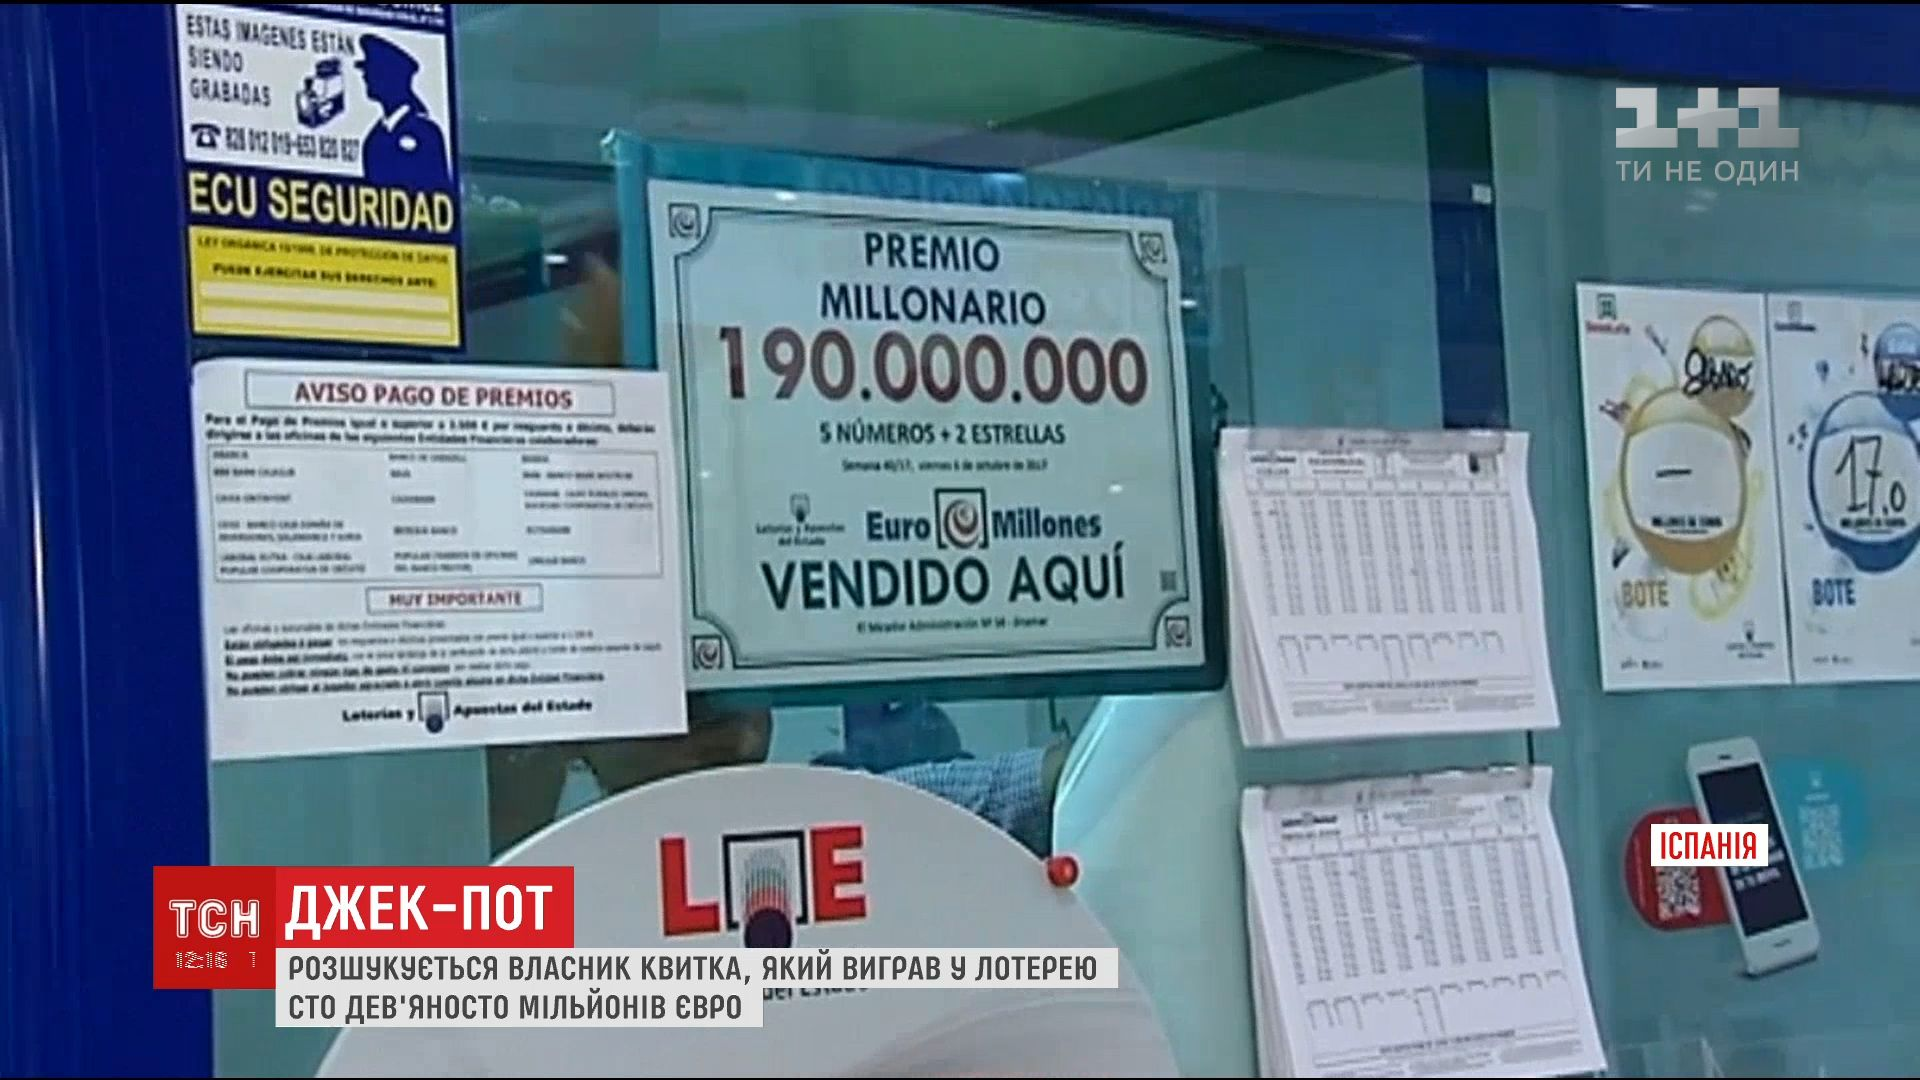 В Іспанії не можуть знайти щасливця, який виграв у лотерею 190 мільйонів євро /